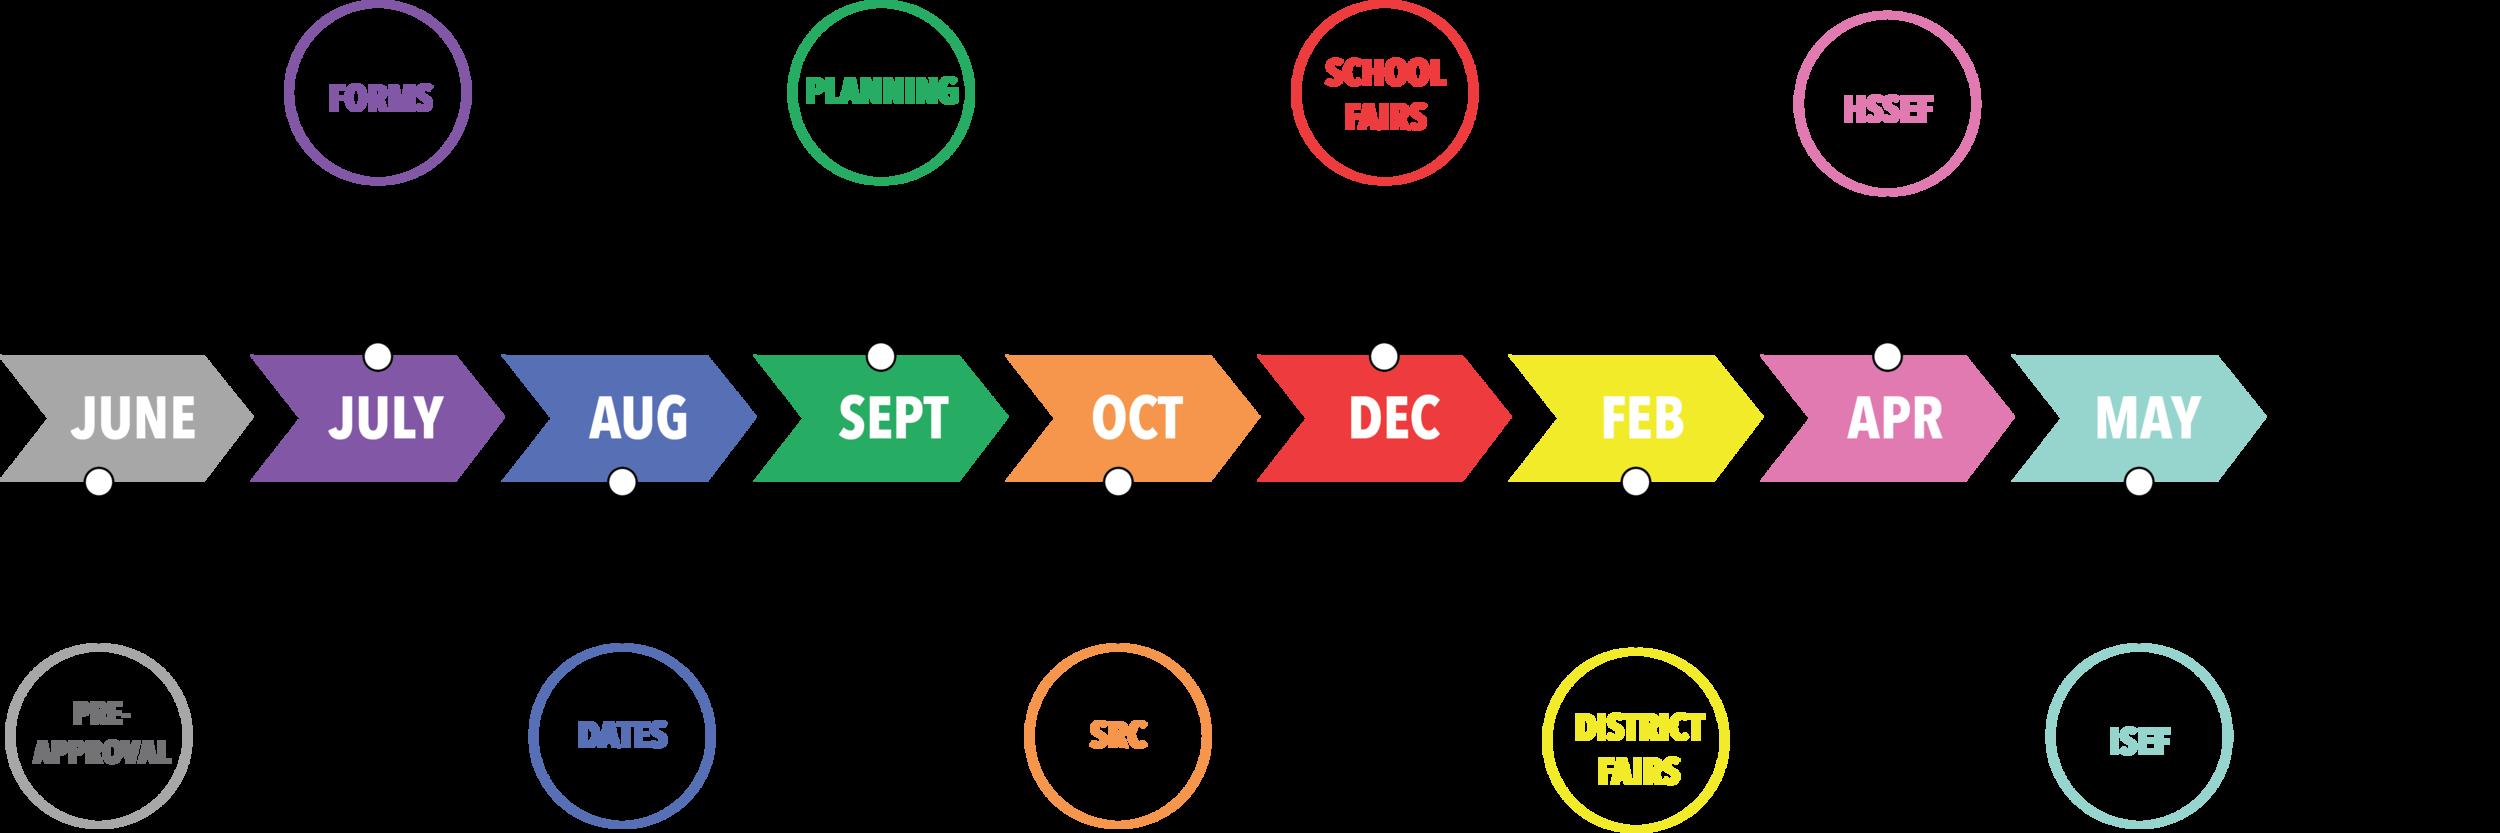 HSSEF 2020 Timeline.png